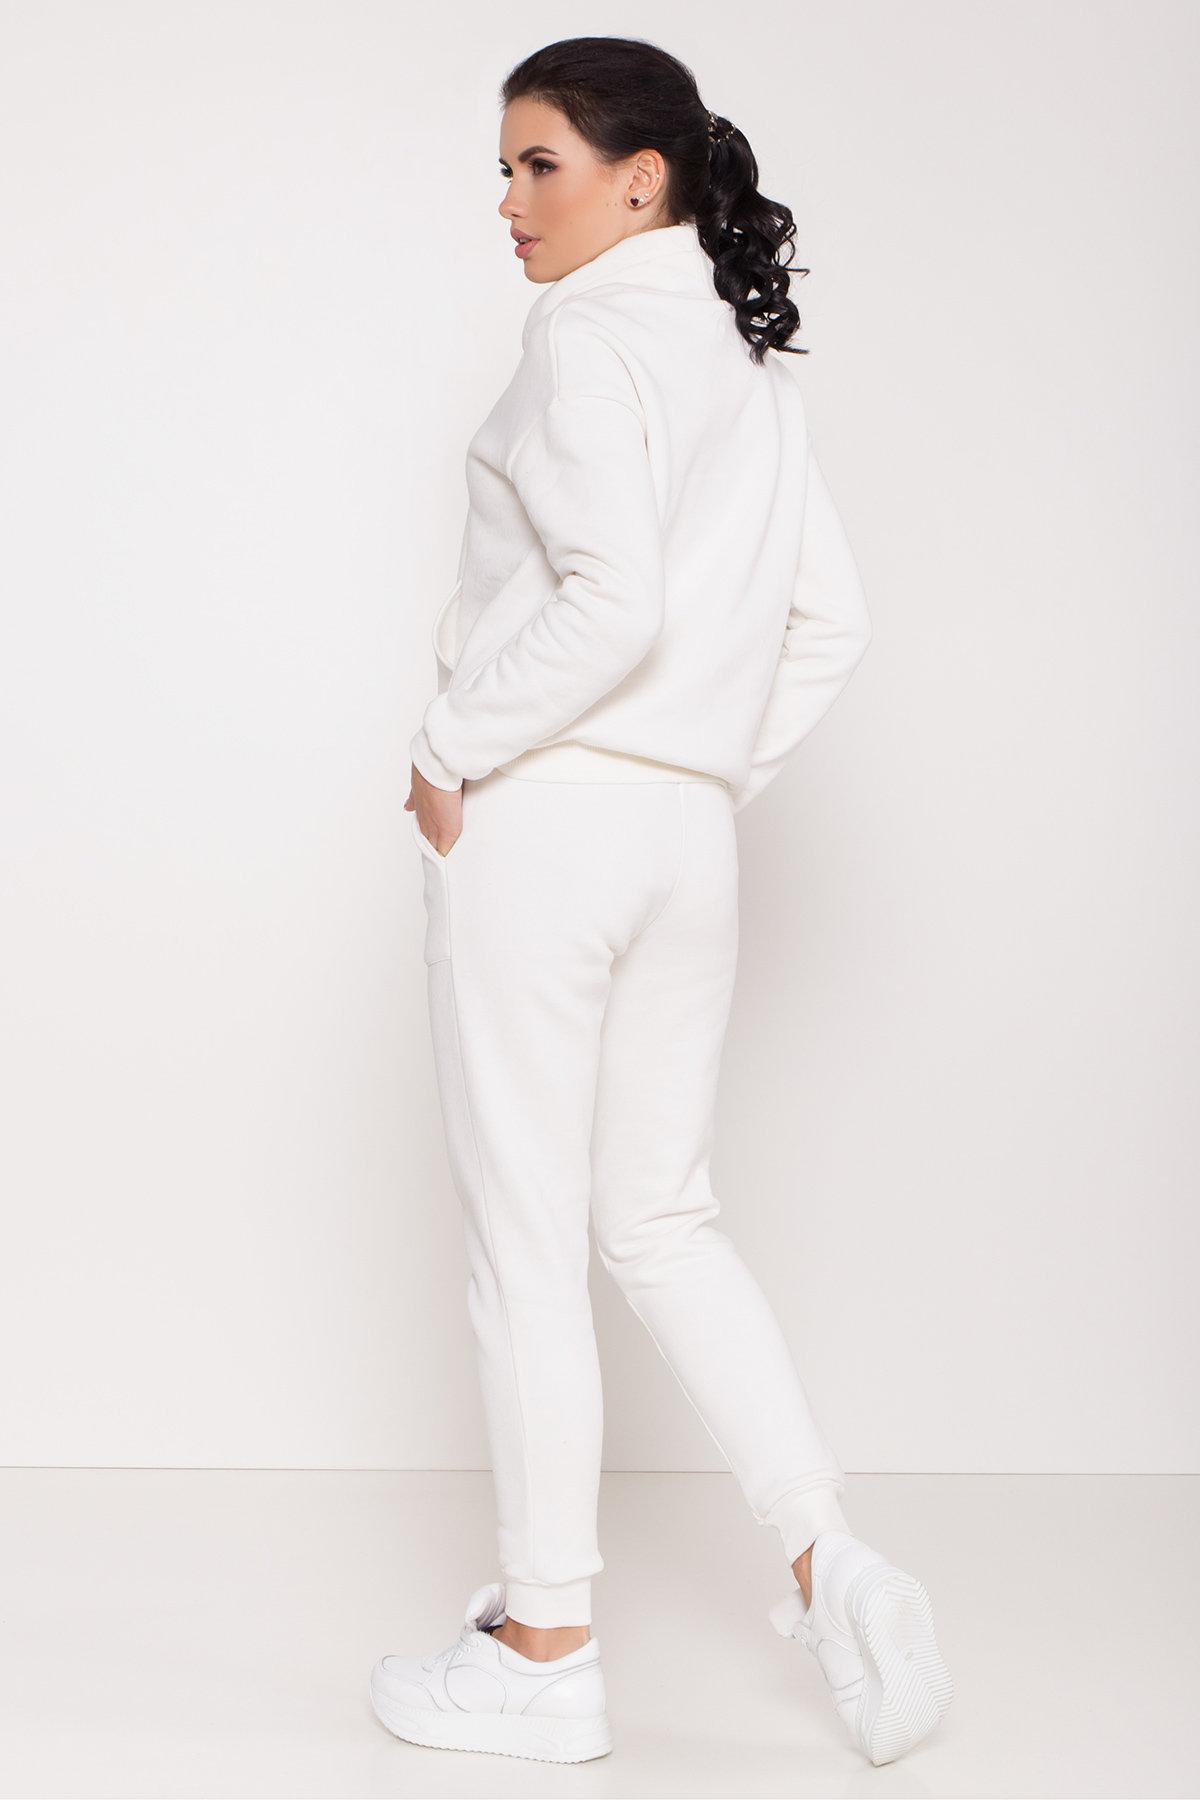 Стильный трикотажный костюм женский Фира 8590 АРТ. 44901 Цвет: Молоко - фото 4, интернет магазин tm-modus.ru